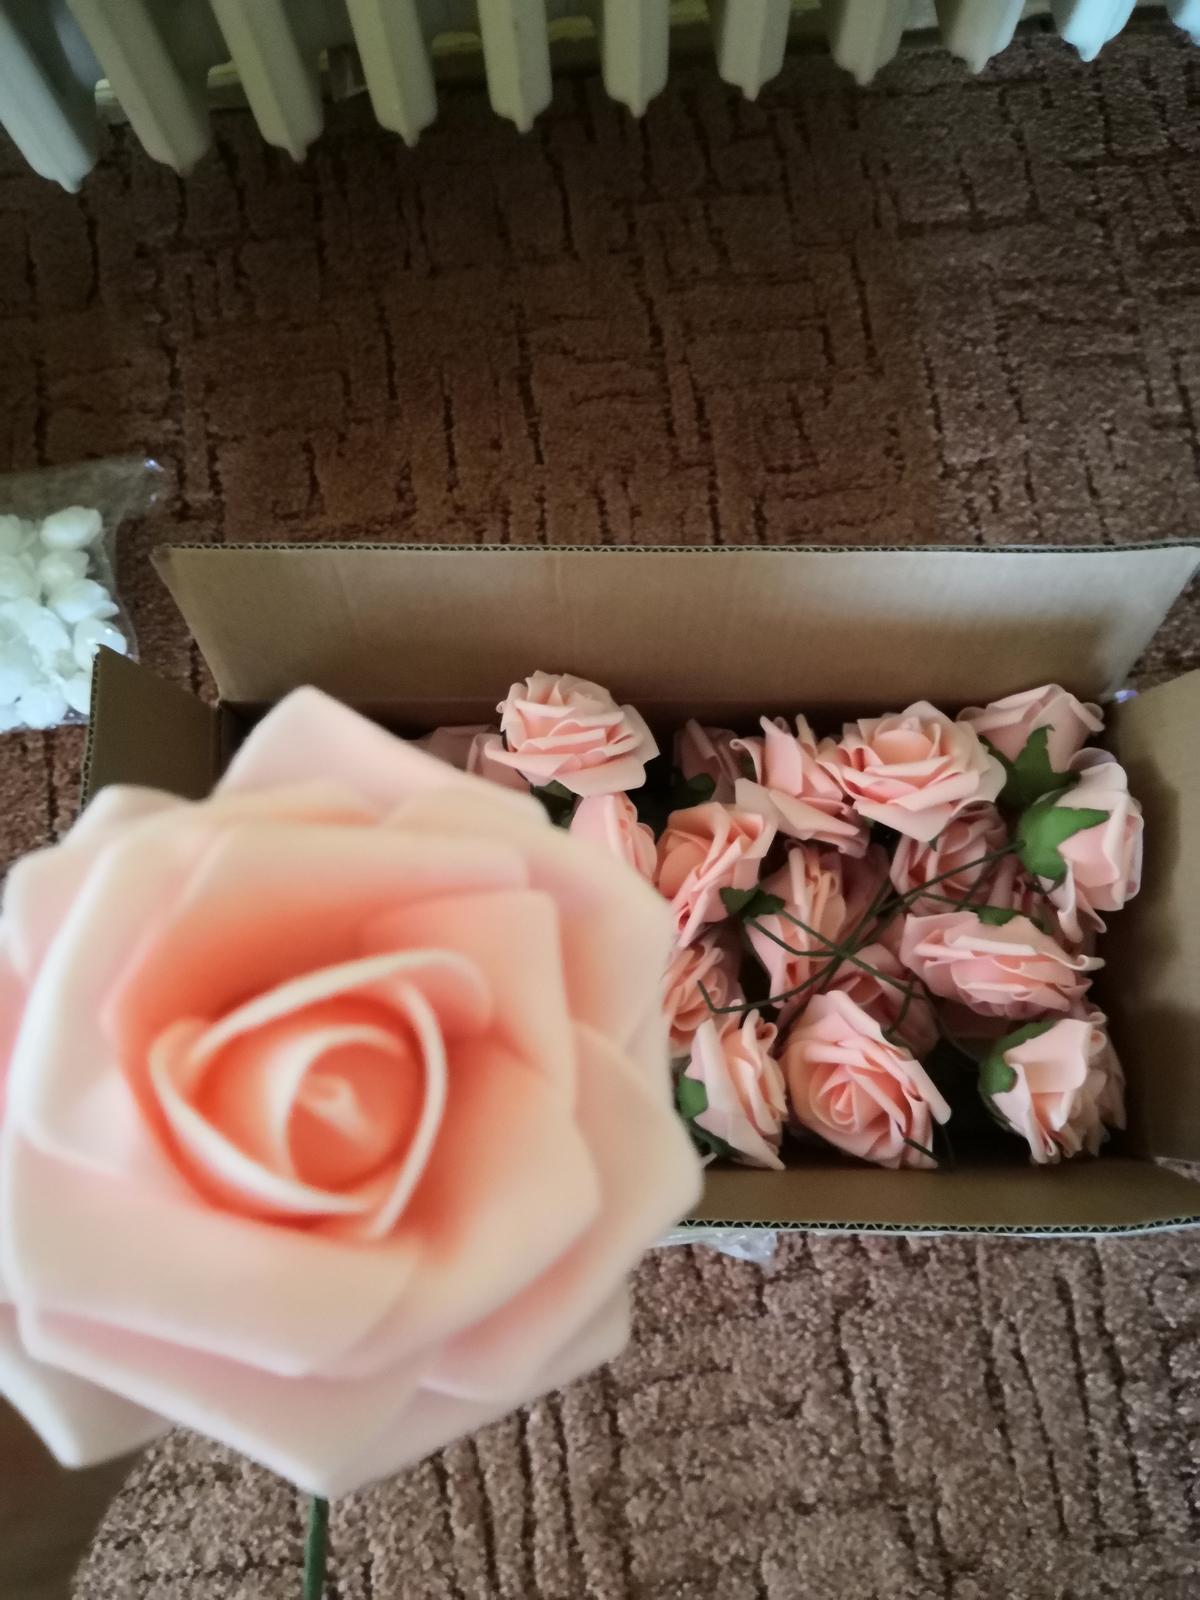 Kvet ružový (ruža) - Obrázok č. 3